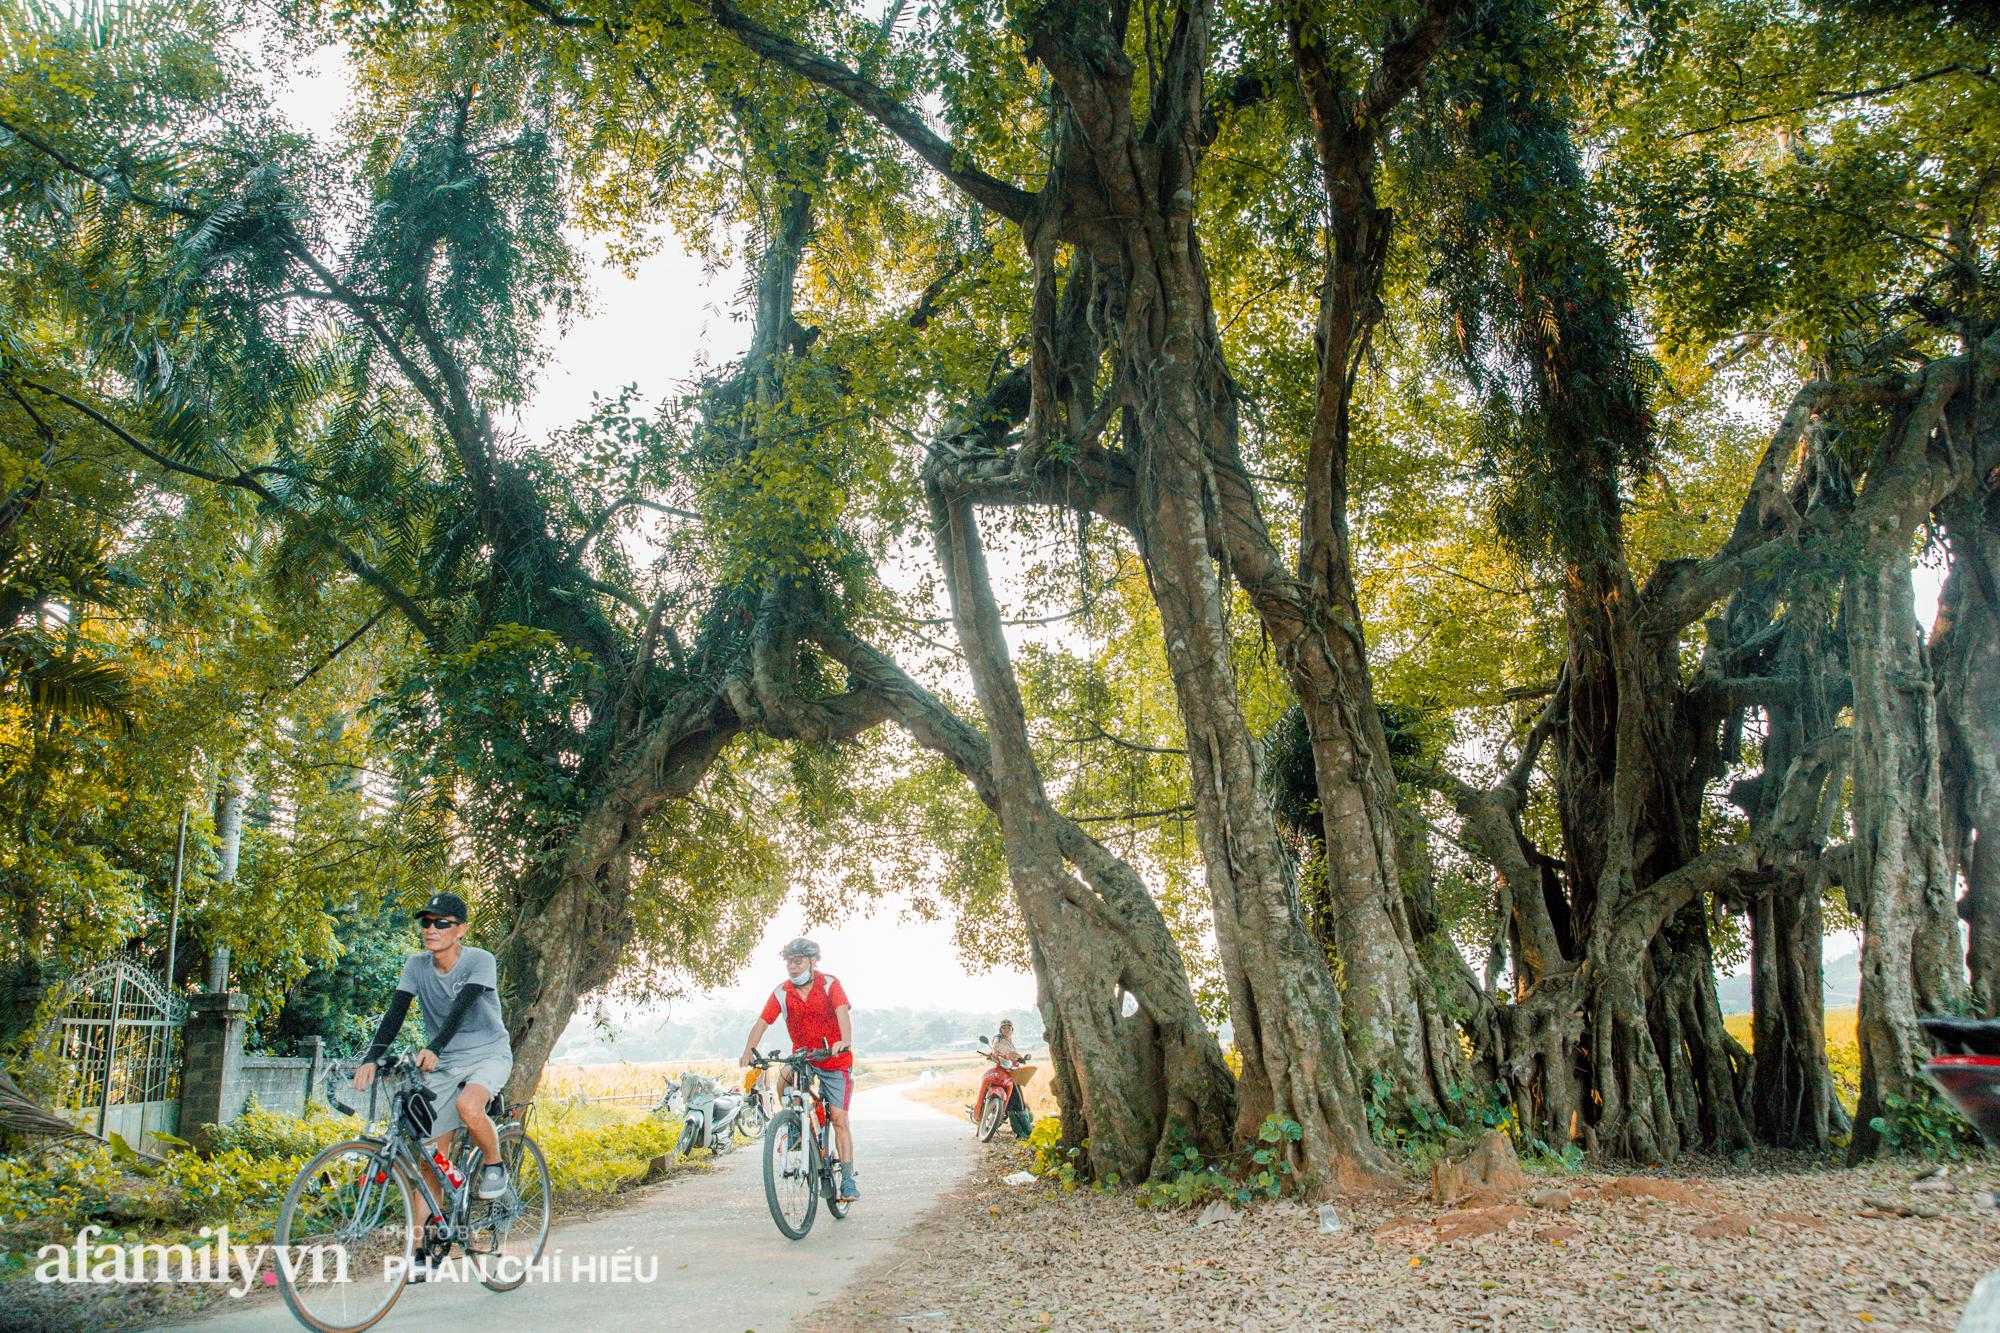 Ngôi làng độc nhất Việt Nam sở hữu chiếc cổng từ cây đại thu 800 năm tuổi, từng là bối cảnh cực ấn tượng trong những bộ phim về làng quê Việt Nam - Ảnh 1.